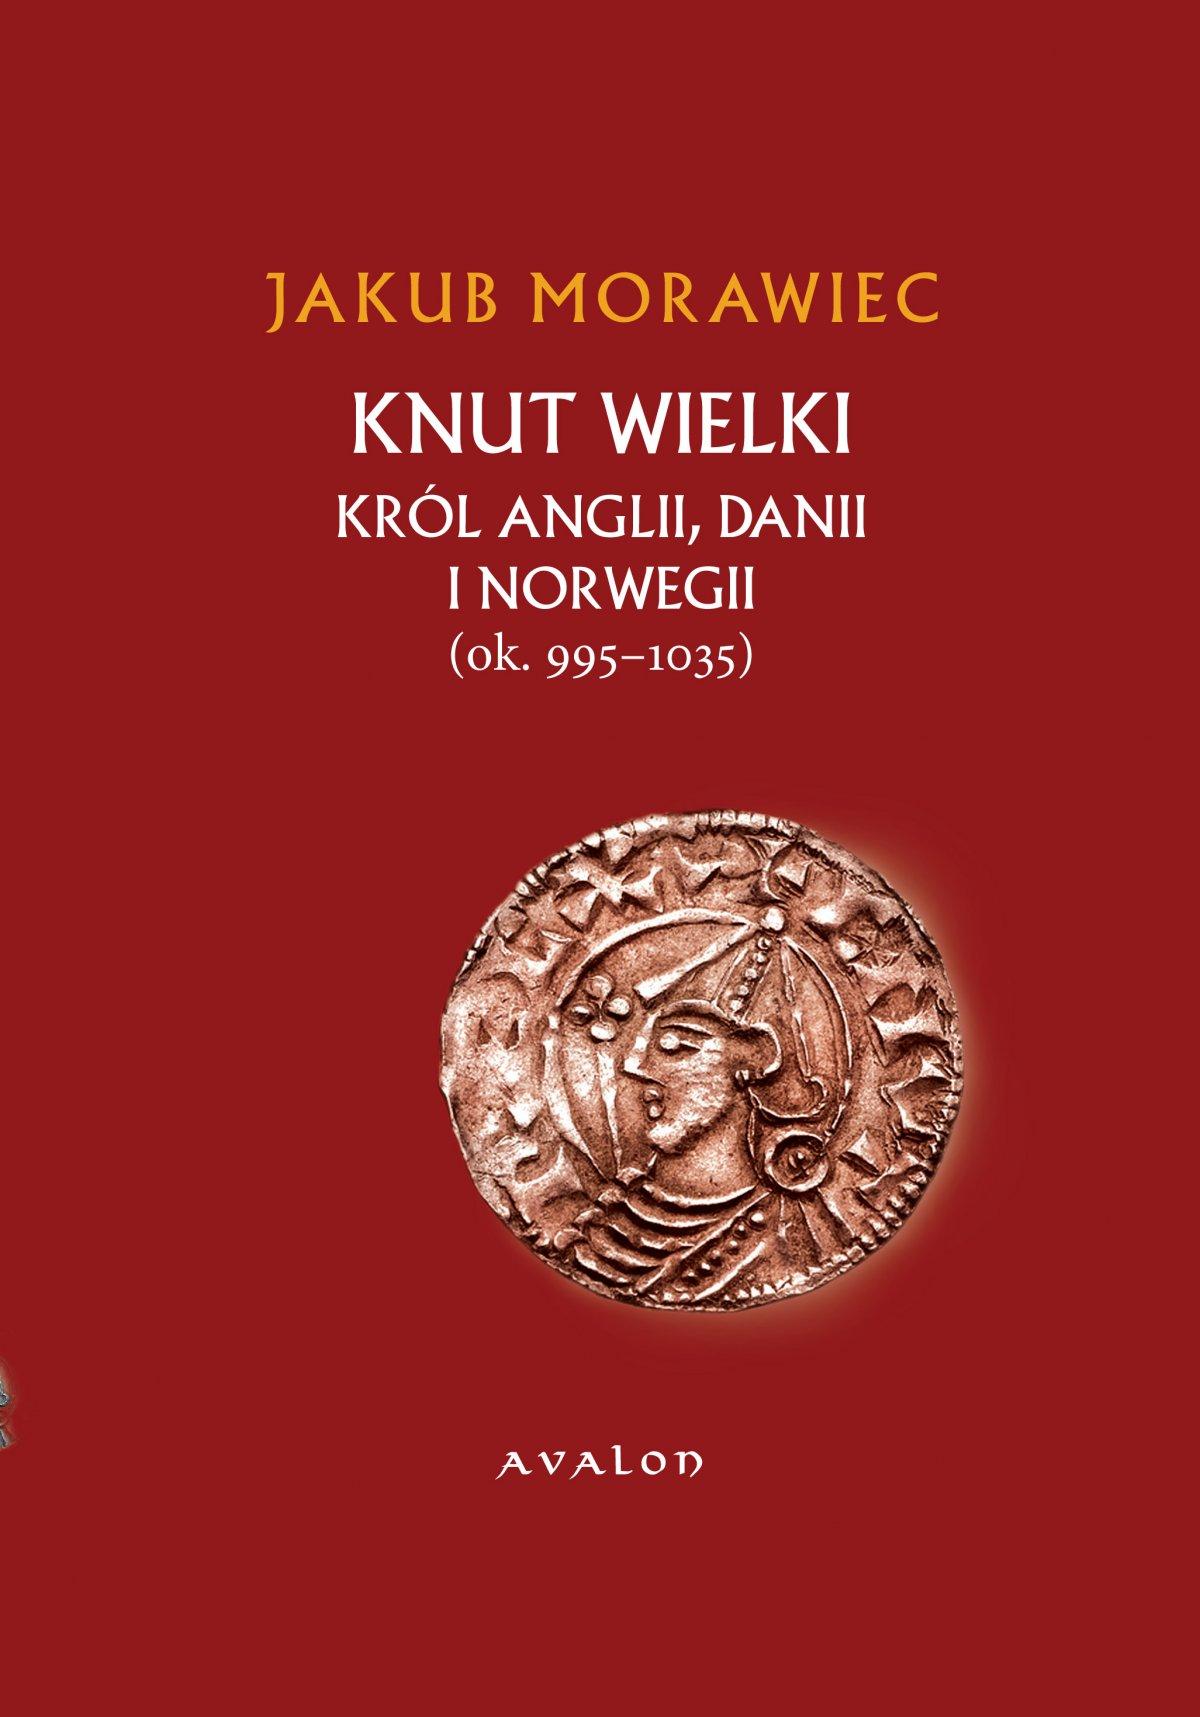 Knut Wielki. Król Anglii, Danii i Norwegii (ok. 995-1035) - Ebook (Książka PDF) do pobrania w formacie PDF